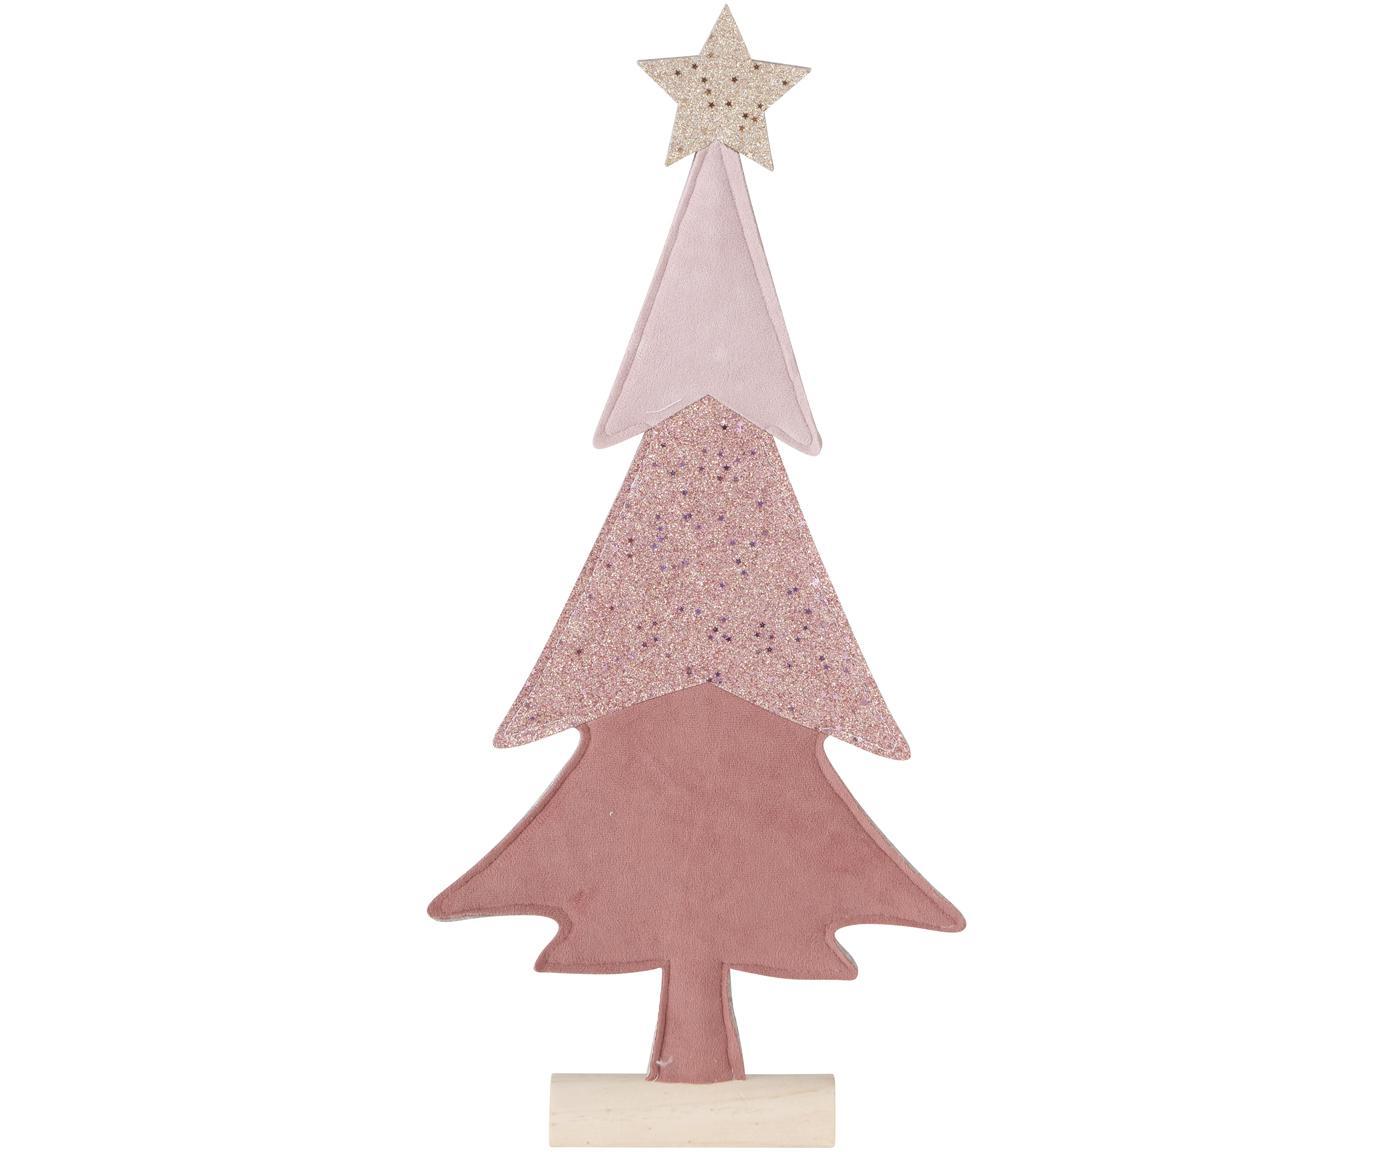 Oggetto decorativo Debra, Legno di pino, feltro, Tonalità rosa, legno di pino, Larg. 23 cm